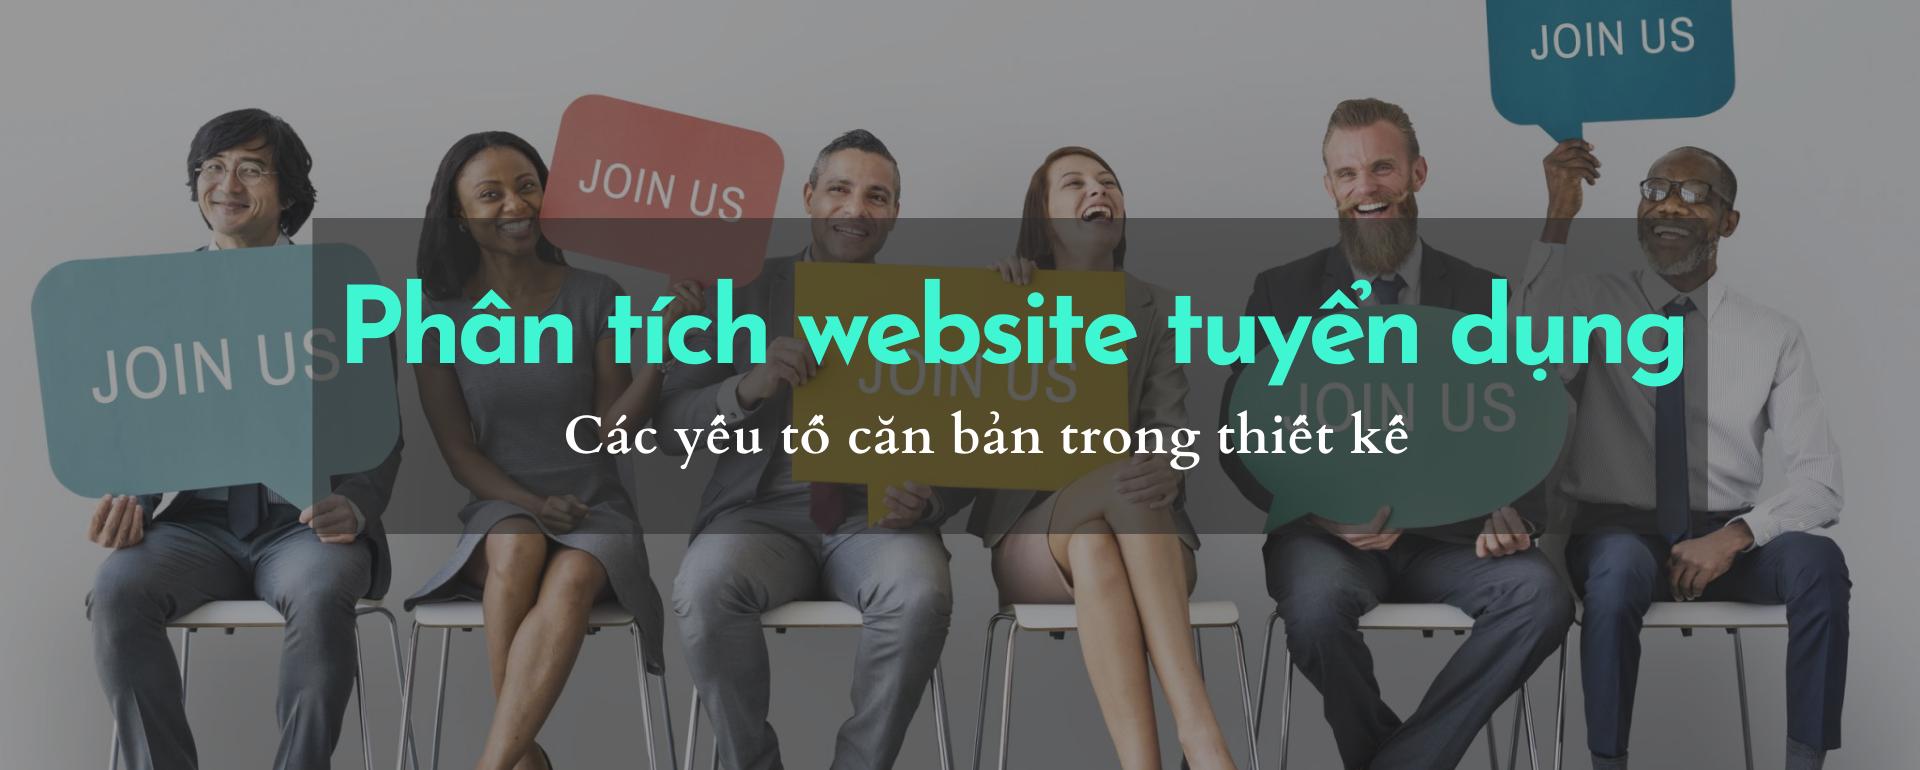 Phan tich website tuyen dung